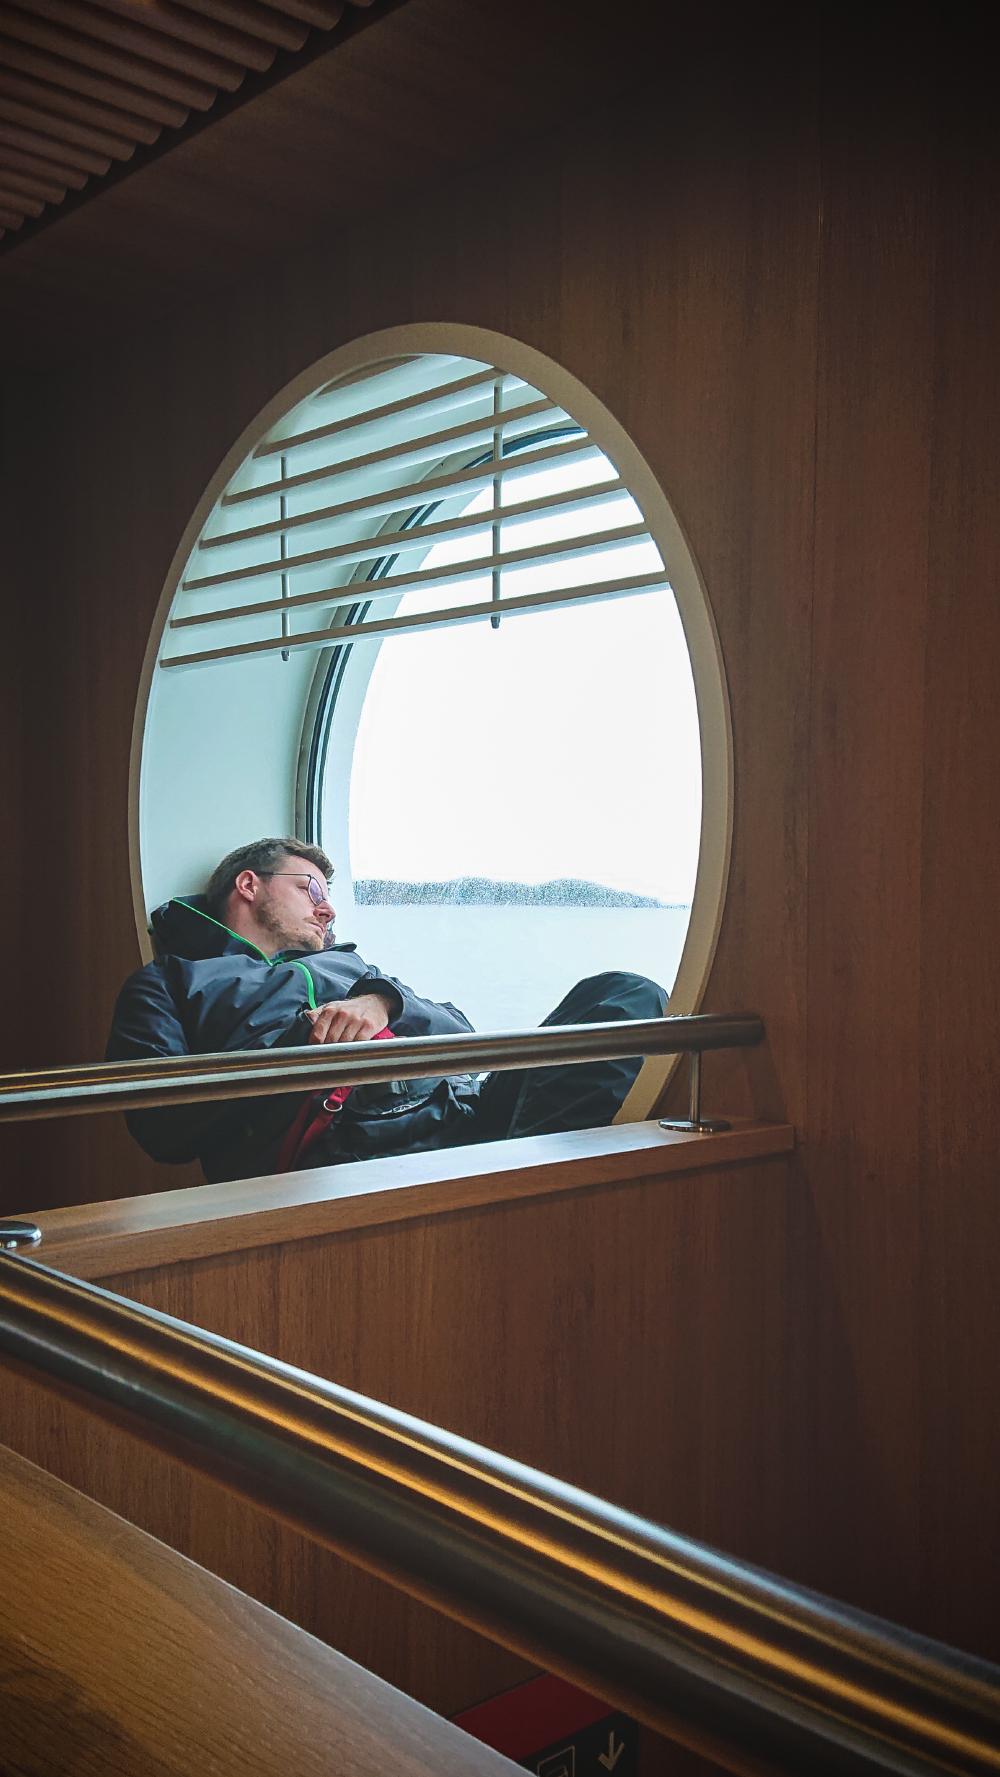 Doch noch geschafft: Wir haben einen Platz auf der Fähre ergattert und schippern von Stornoway nach Ullapool.